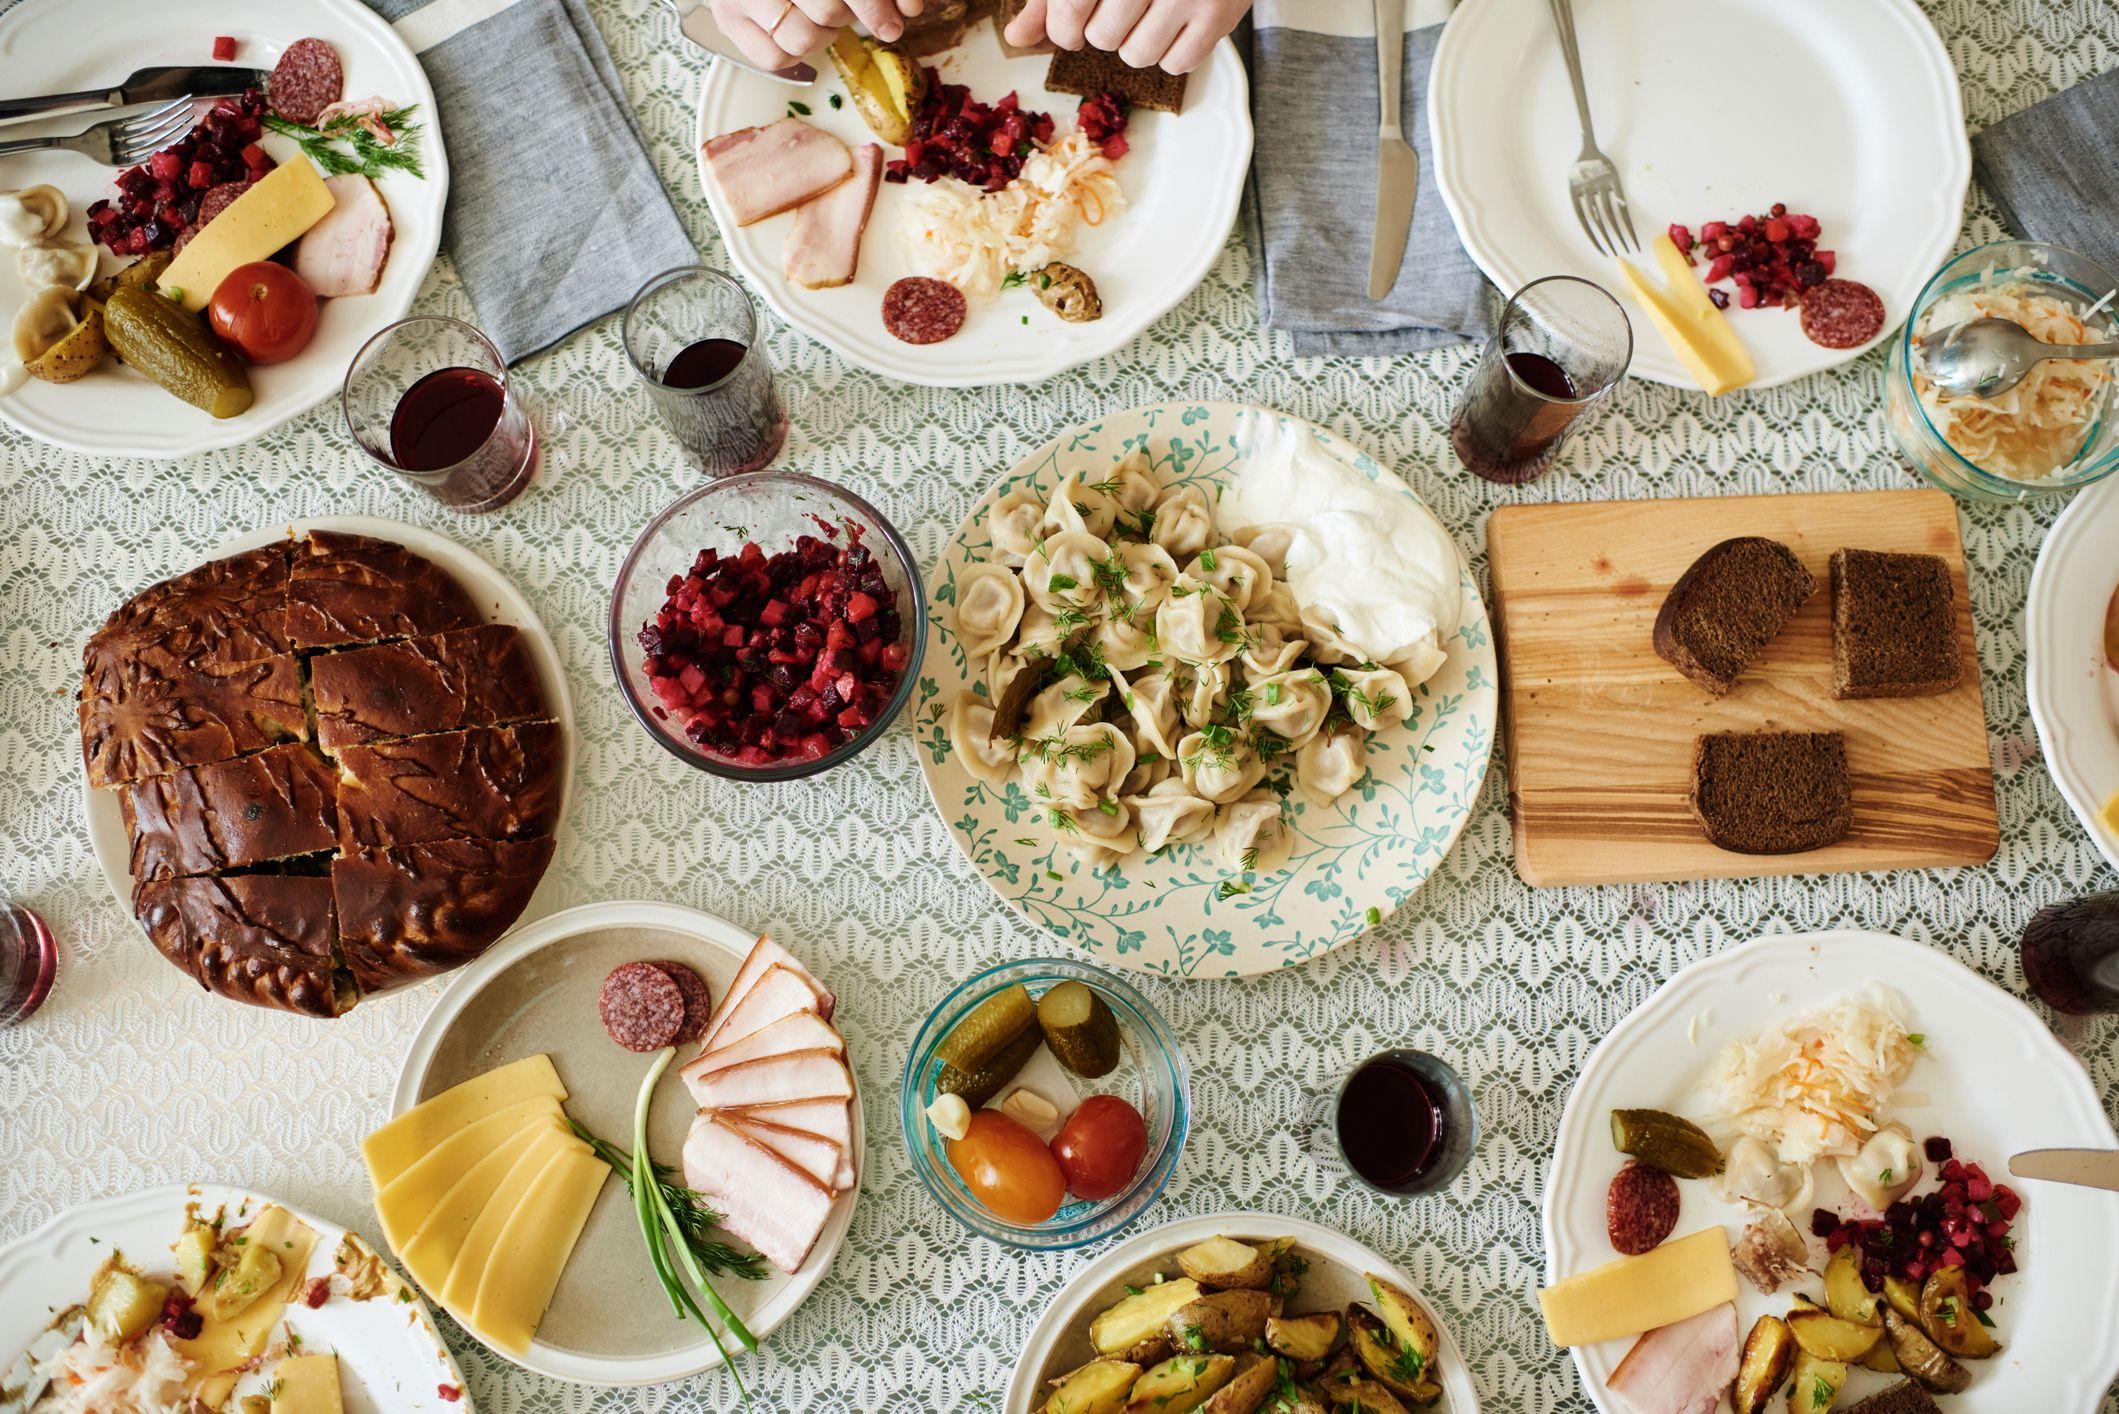 Breve guida allo zakuski, l'aperitivo russo